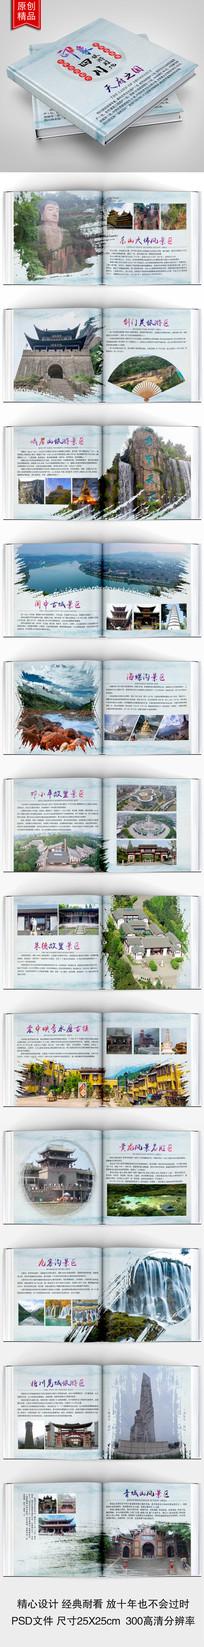 经典中国风四川印象旅游画册